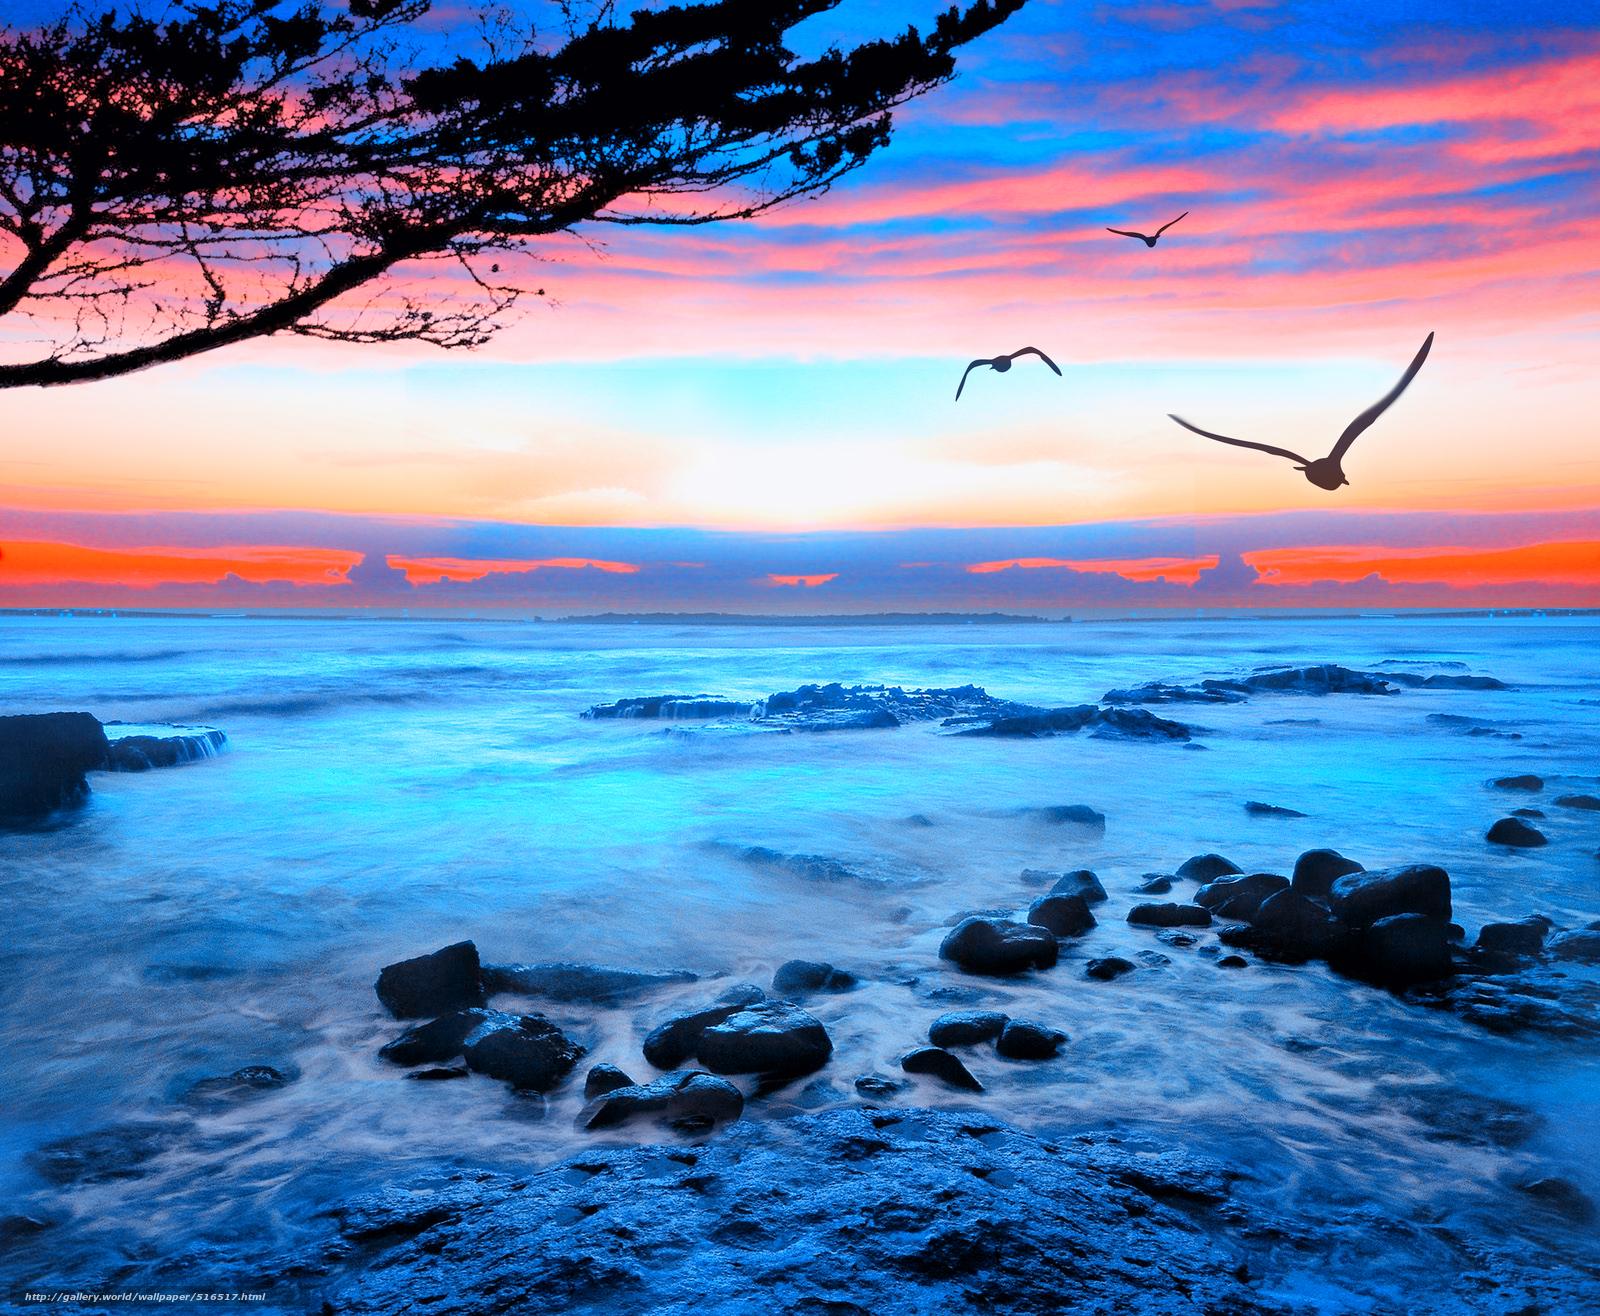 Scaricare gli sfondi tramonto mare gabbiani paesaggio for Foto per desktop gratis mare